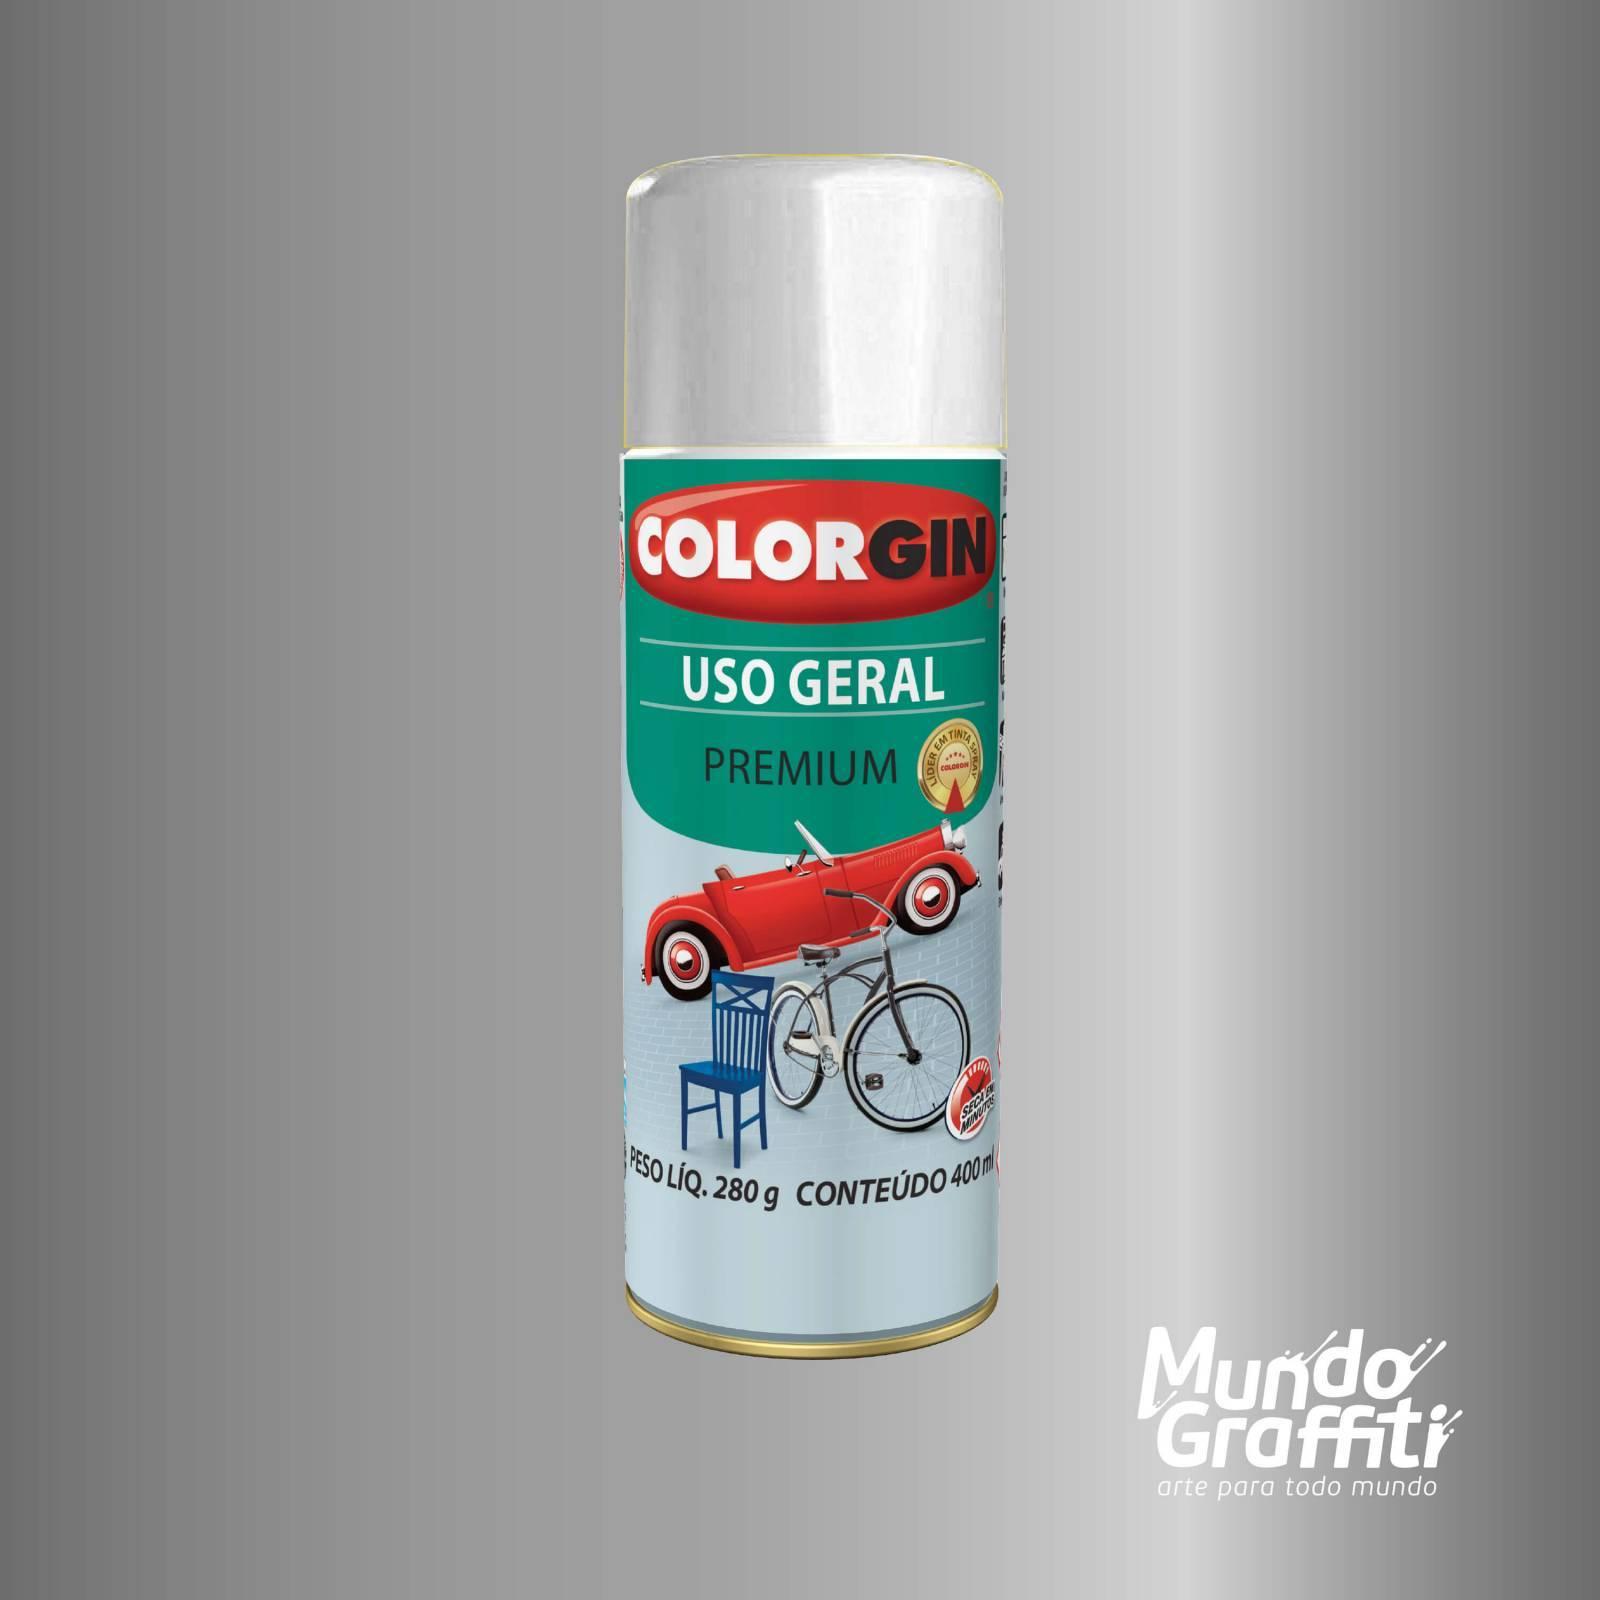 Tinta Spray Colorgin Uso Geral 55031 Grafite Médio p/ Rodas  - Mundo Graffiti